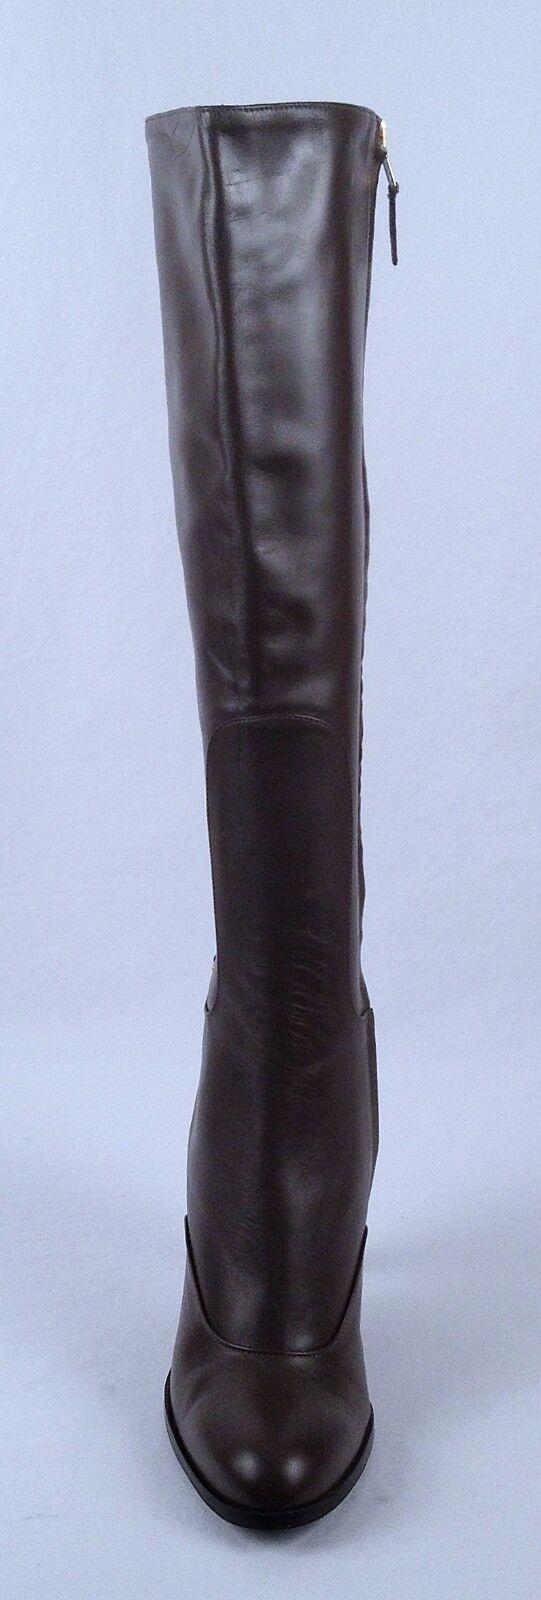 NEW   LK Bennett Bennett Bennett Tall Boot- Grau- Größe 10.5 US/ 40.5 UK 950 (B56) 0000da